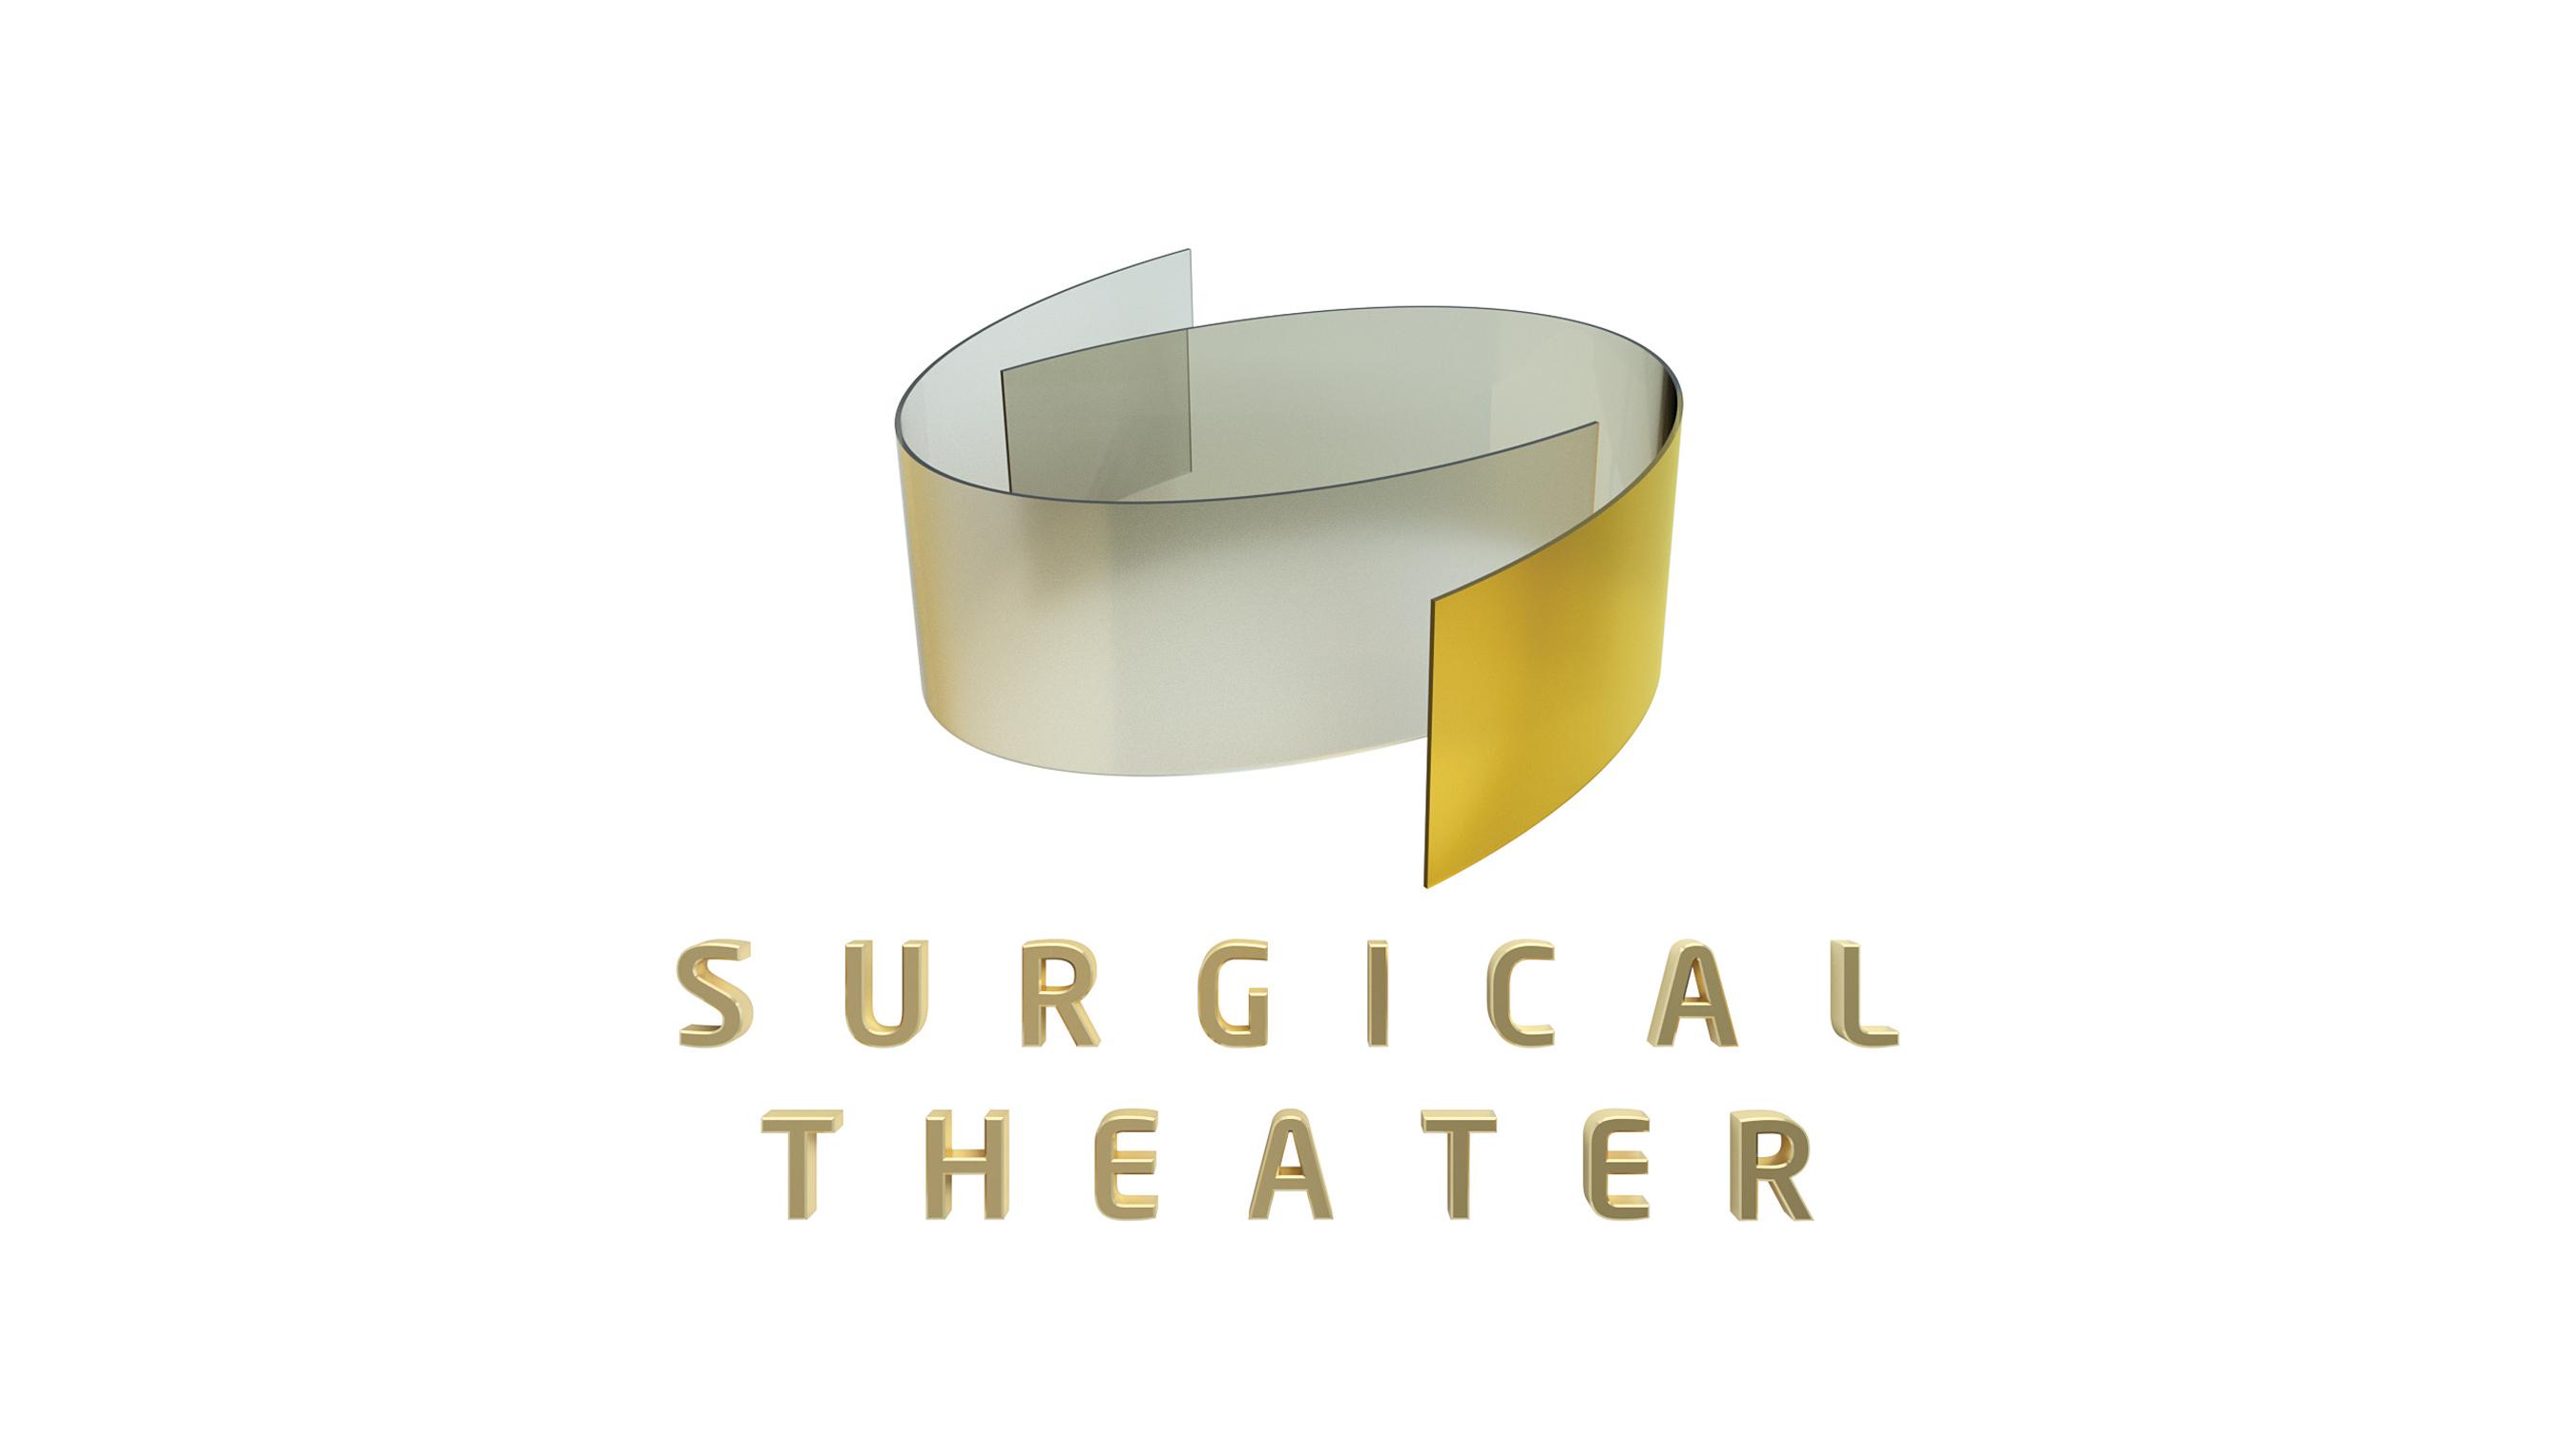 La tecnologia di Surgical Theater in mostra in Italia all'apertura del centro Besta NeuroSim di